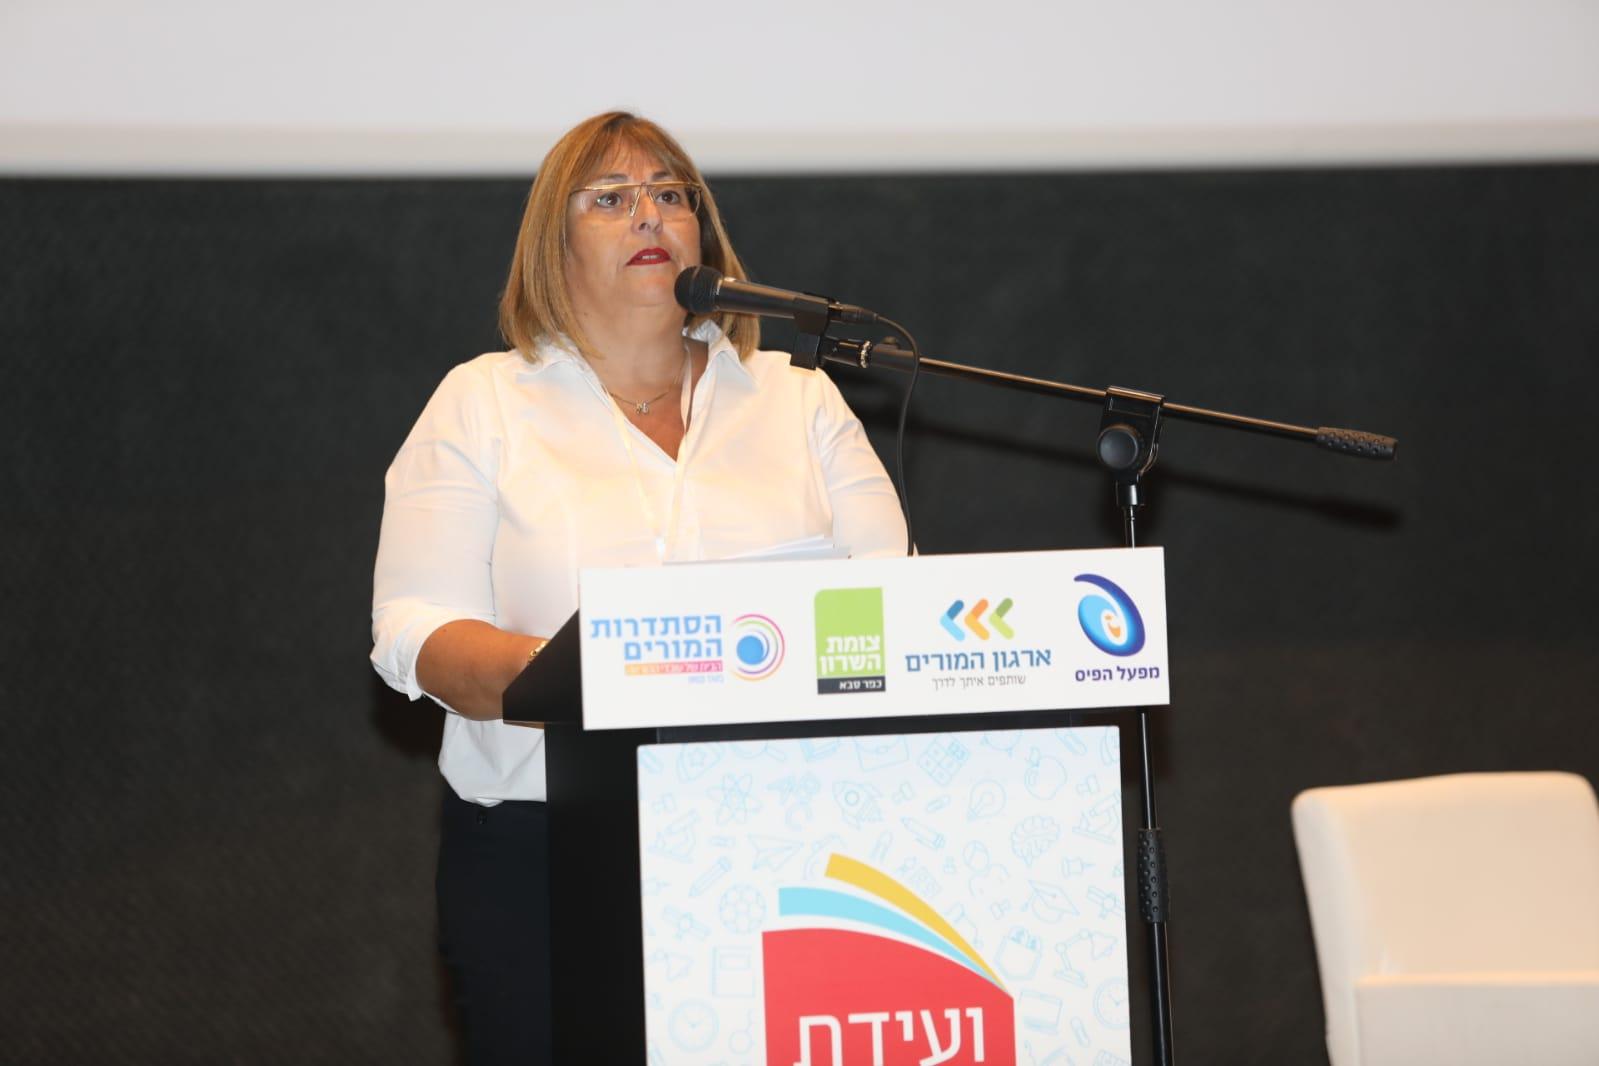 """יו""""ר סניף השרון בהסתדרות המורים ענת רז, צילום עזרא לוי"""